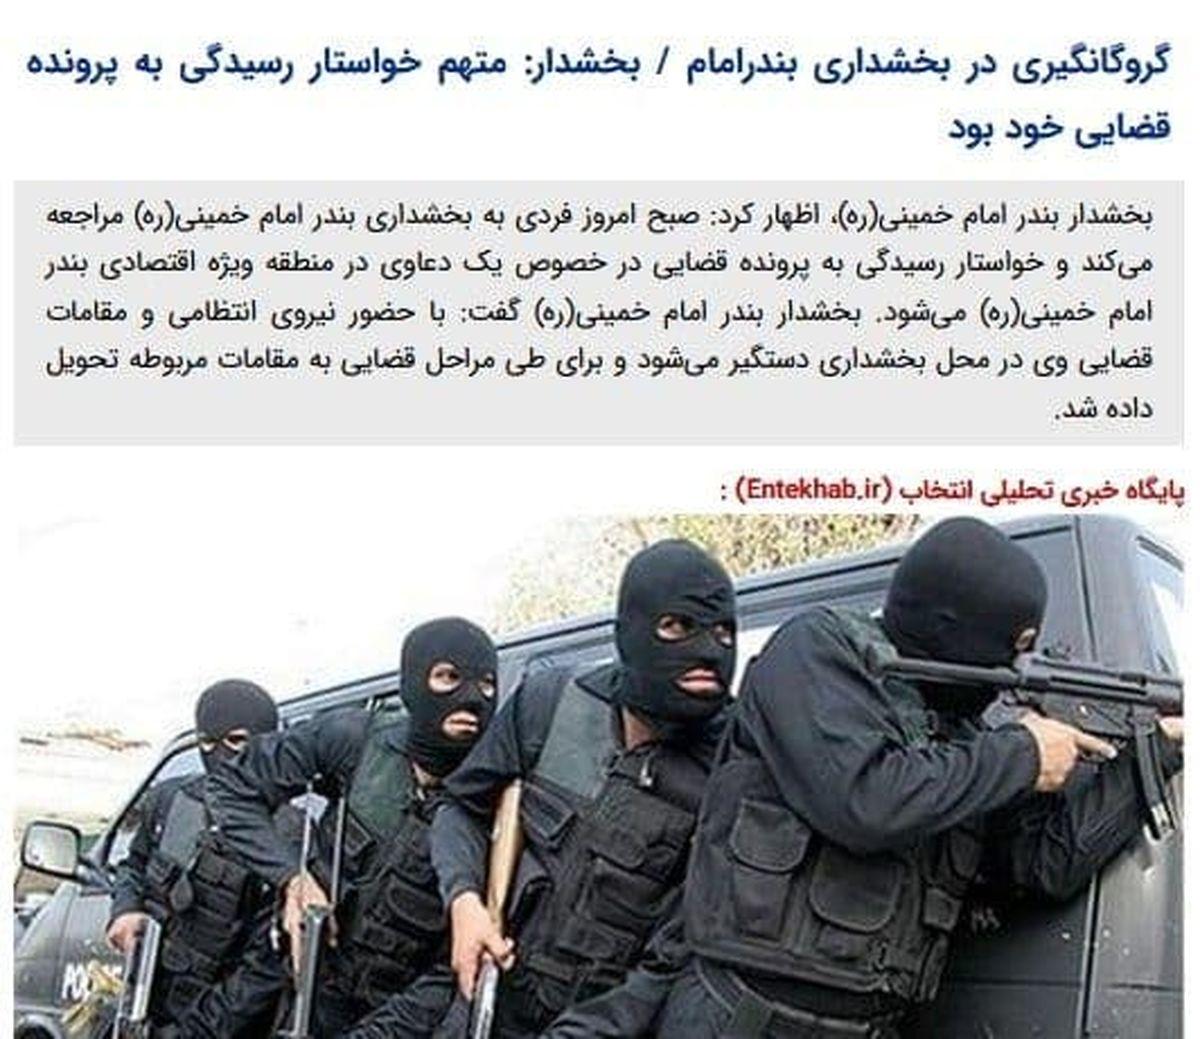 گروگانگیری در بخشداری بندرامام خمینی (خوزستان)